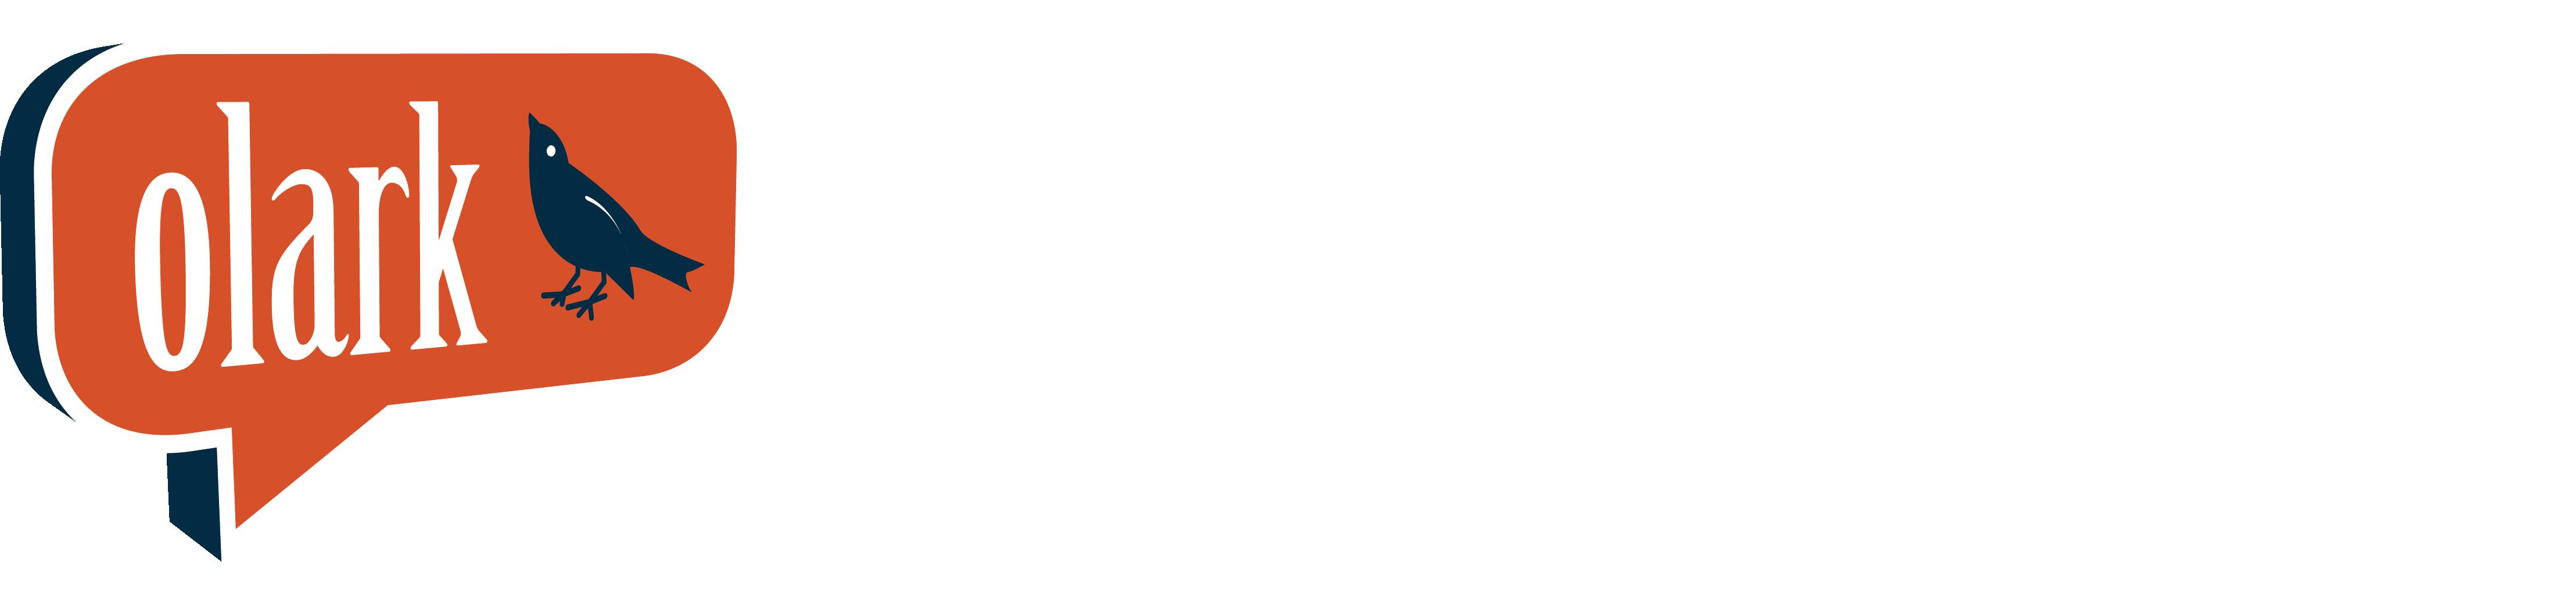 Olark_DA_logos3.png